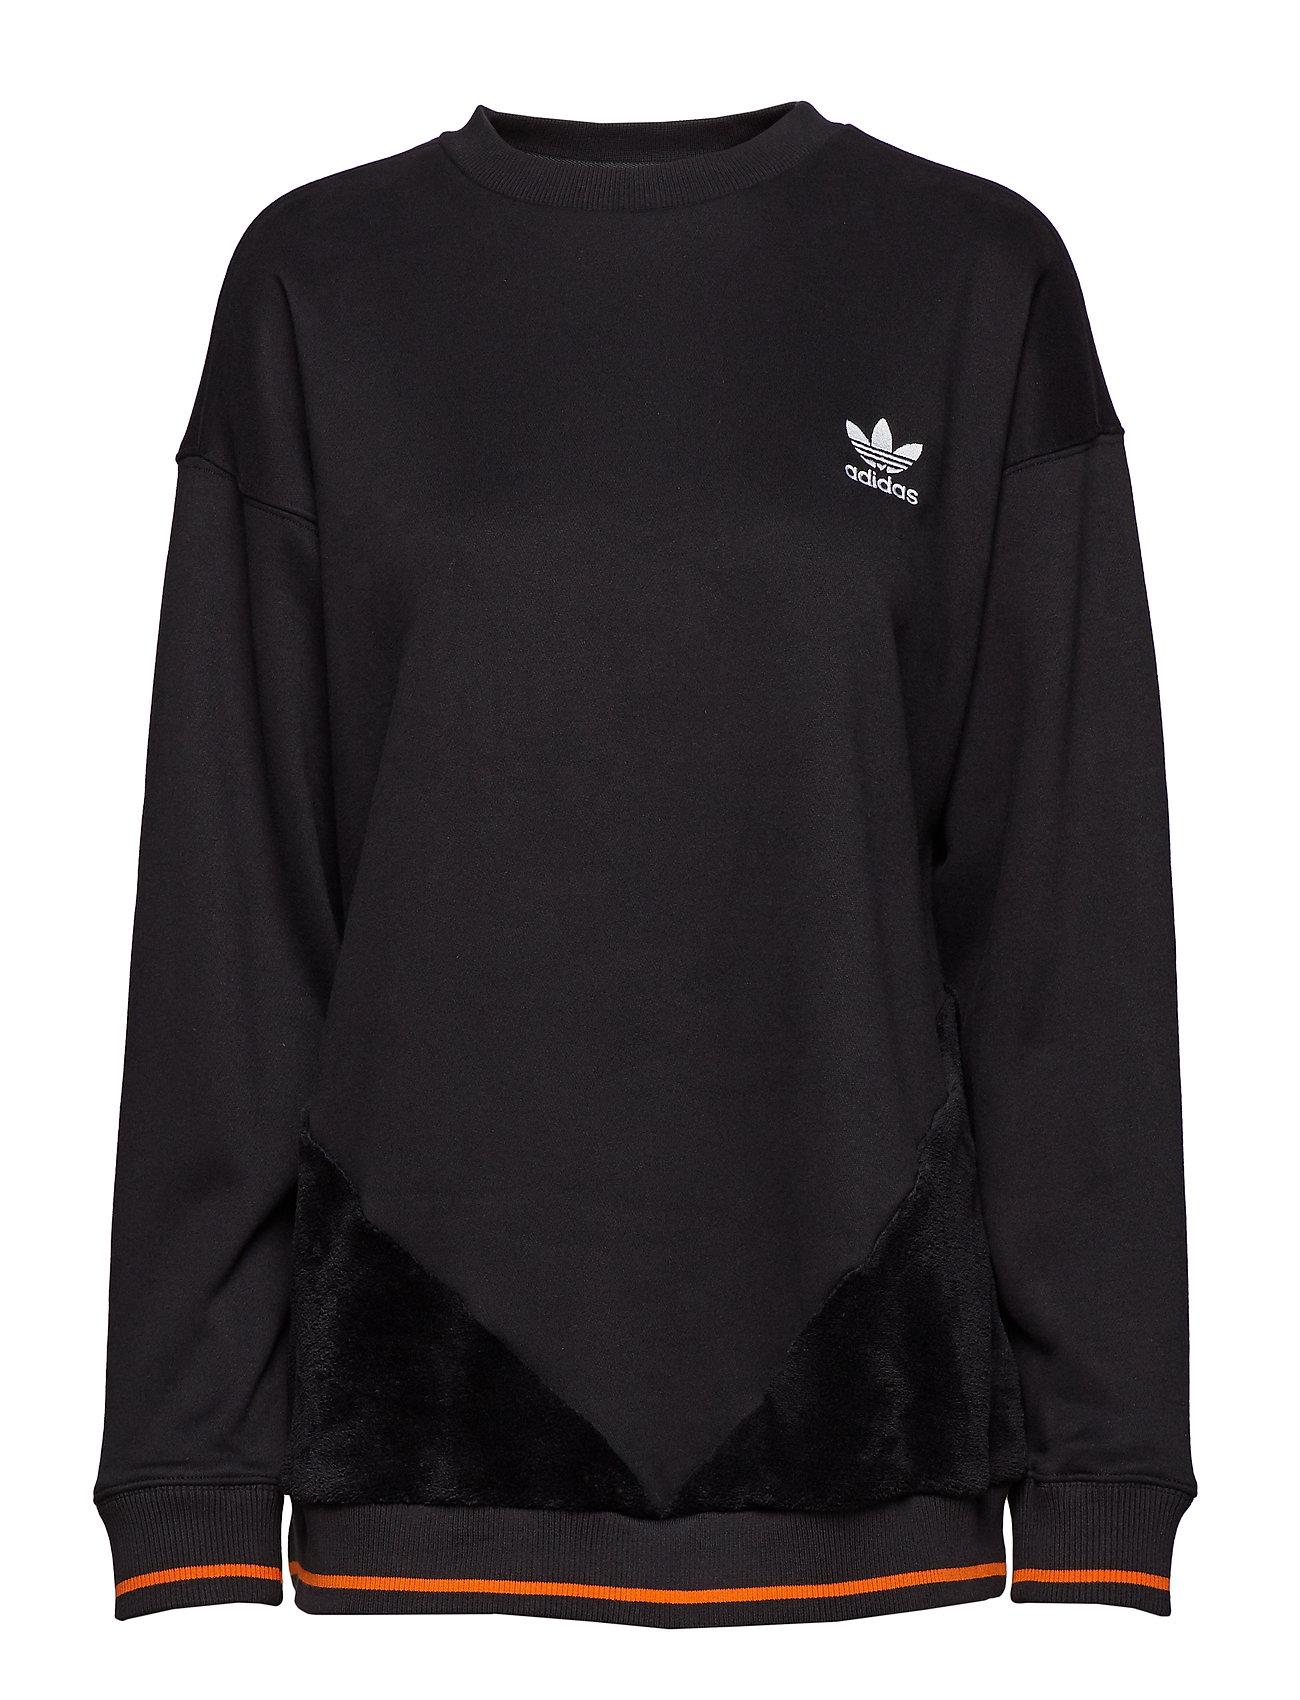 adidas Originals CLRDO SWEATER - BLACK